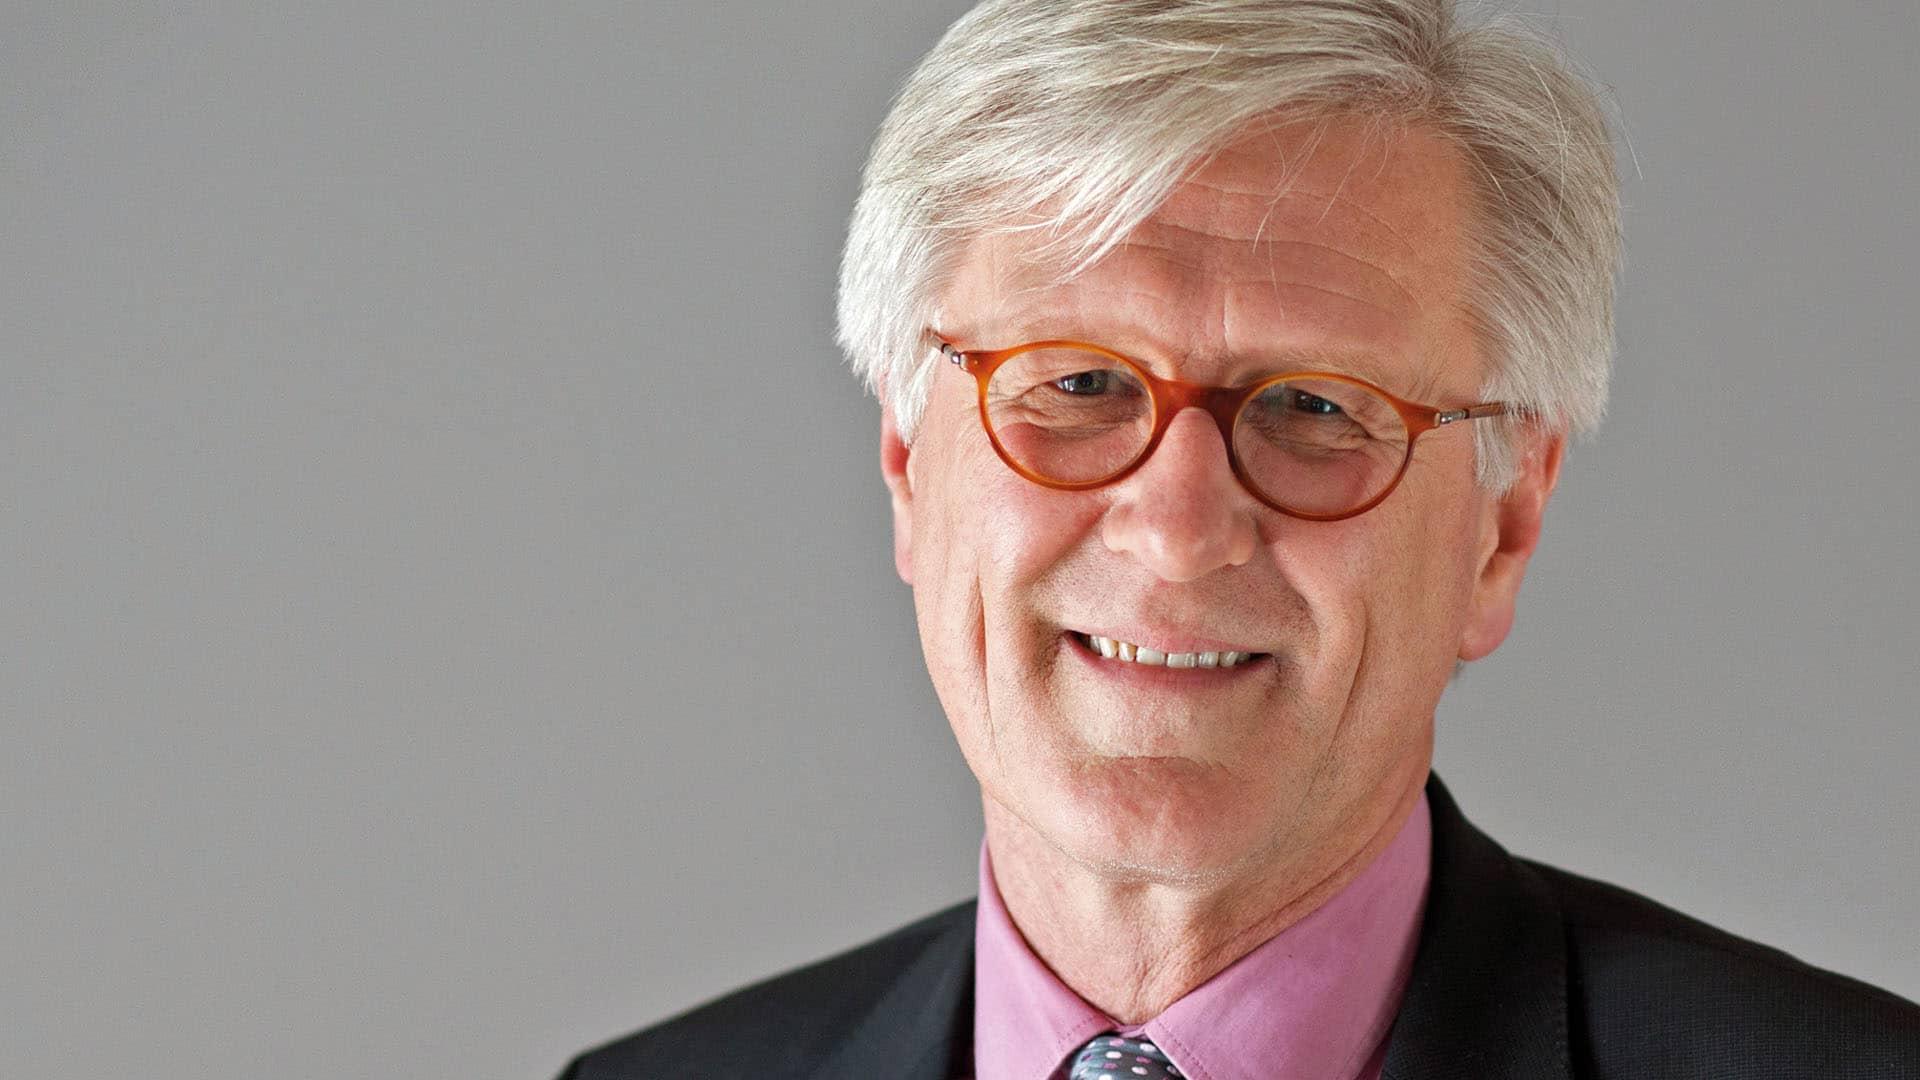 Der EKD-Ratsvorsitzende Heinrich Bedford-Strohm forderte für die Debatte Werte wie Empathie und Nächstenliebe